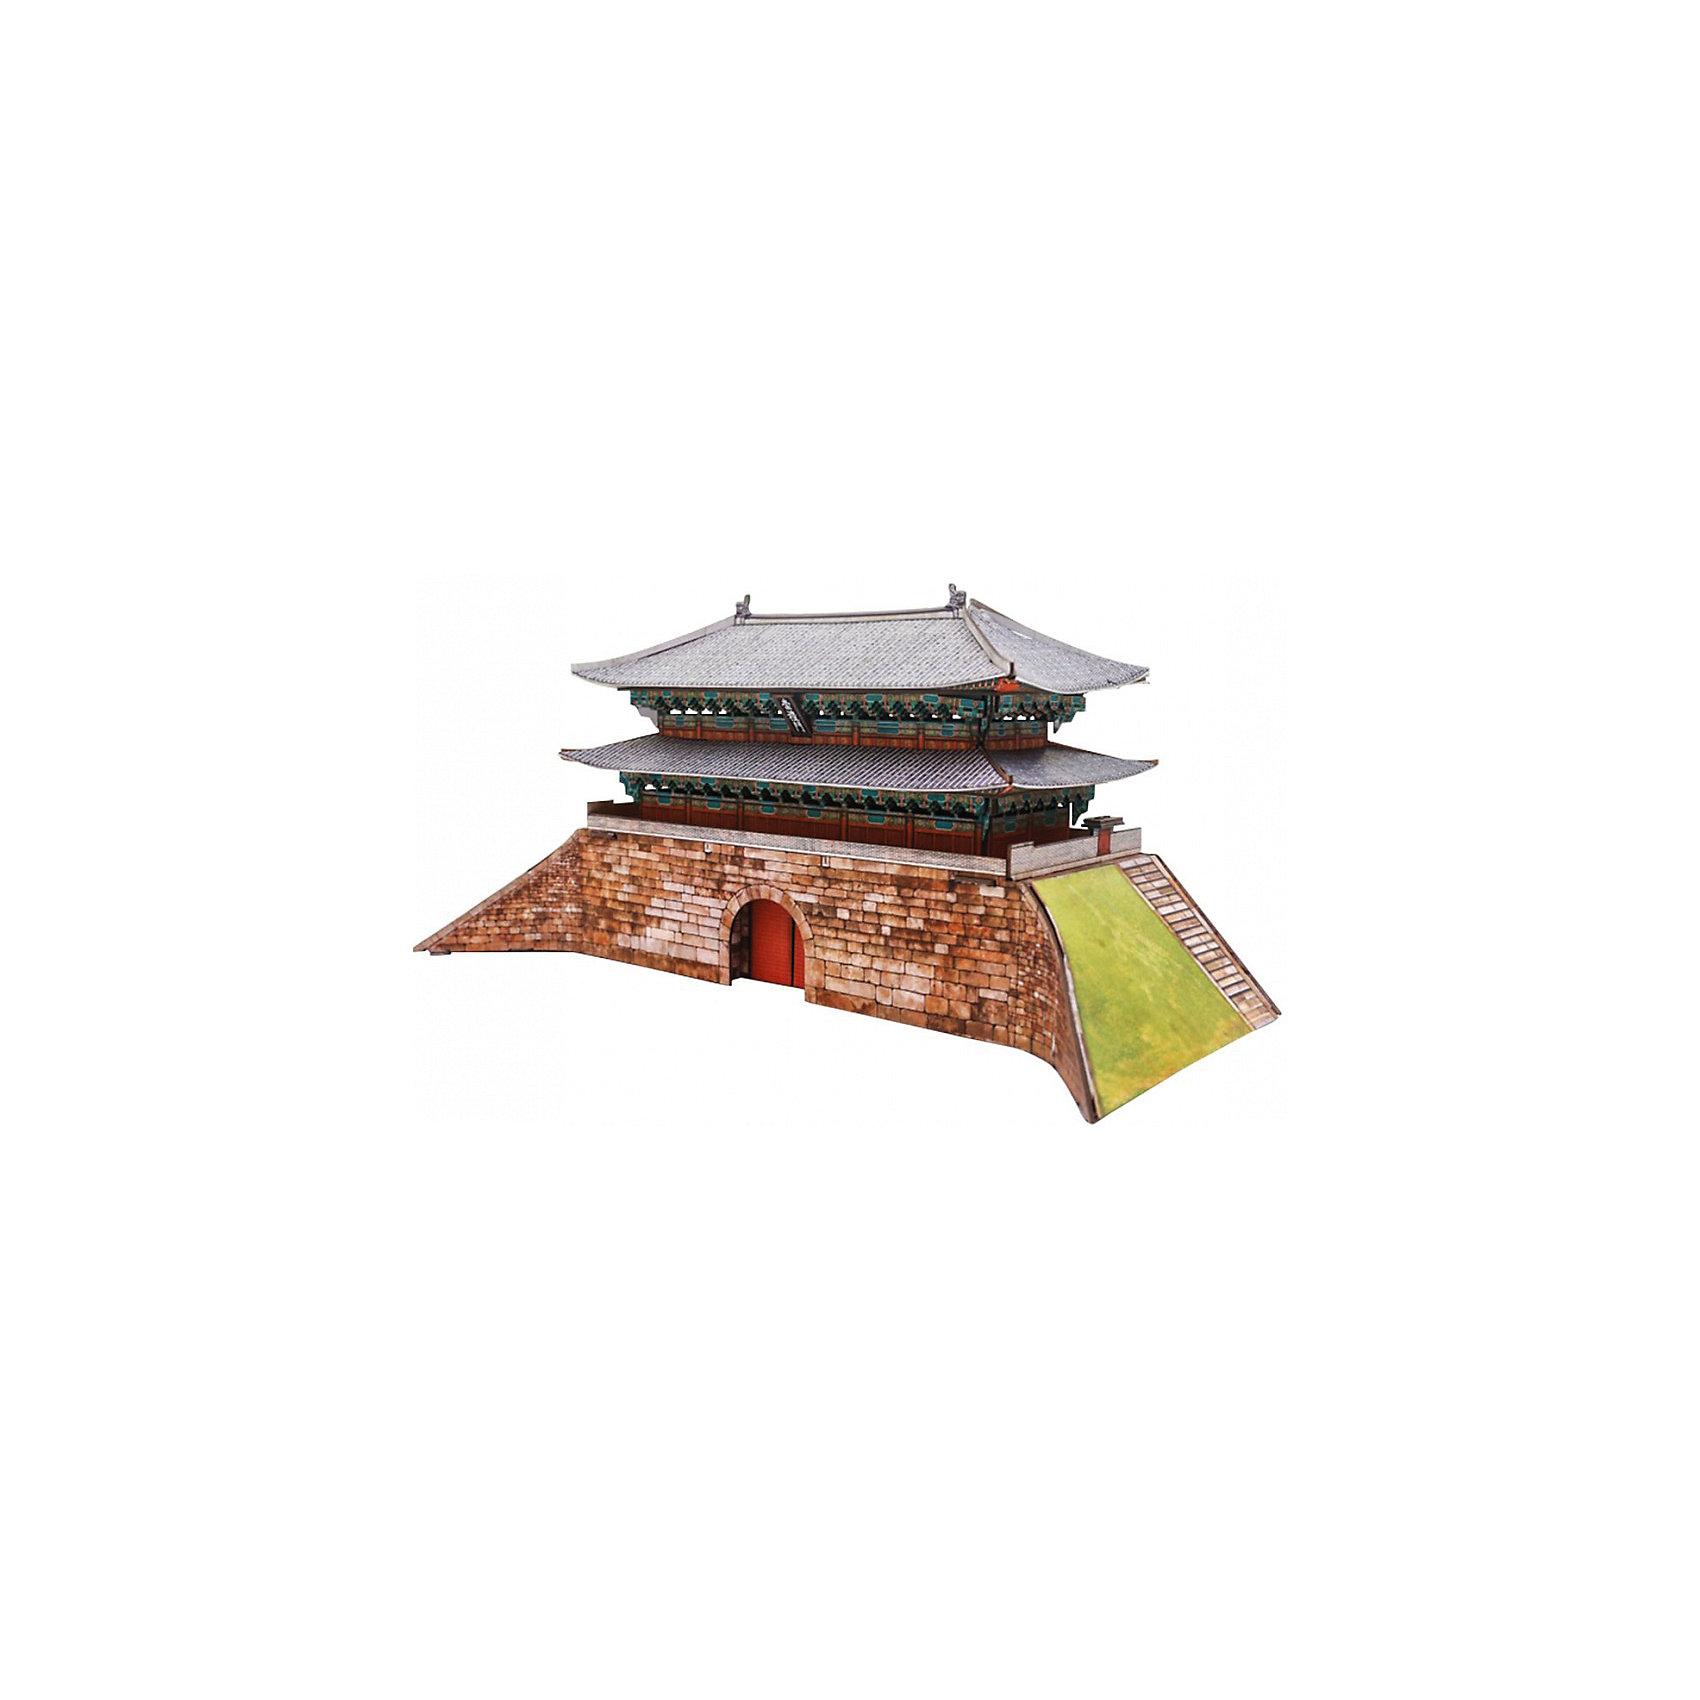 Сборная модель Ворота НамдэмунМодели из картона и бумаги<br>Ворота Намдэмун (Сеул) - Сборная модель из картона. Серия: Масштабные модели. Количество деталей, шт: 55. Размер в собранном виде, см: 27,5 x 12,5 x 13. Размер упаковки, мм.:  высота 310 ширина 220 глубина 22. Тип упаковки: Картонная коробка. Вес, гр.: 322. Возраст: от 9 лет. Все модели и игрушки, созданные по технологии УМНАЯ БУМАГА собираются без ножниц и клея, что является их неповторимой особенностью.<br>Принцип соединения деталей запатентован. Соединения деталей продуманы и просчитаны с такой точностью, что при правильной сборке с моделью можно играть, как с обычной игрушкой.<br><br>Ширина мм: 220<br>Глубина мм: 22<br>Высота мм: 310<br>Вес г: 322<br>Возраст от месяцев: 84<br>Возраст до месяцев: 2147483647<br>Пол: Унисекс<br>Возраст: Детский<br>SKU: 4807506